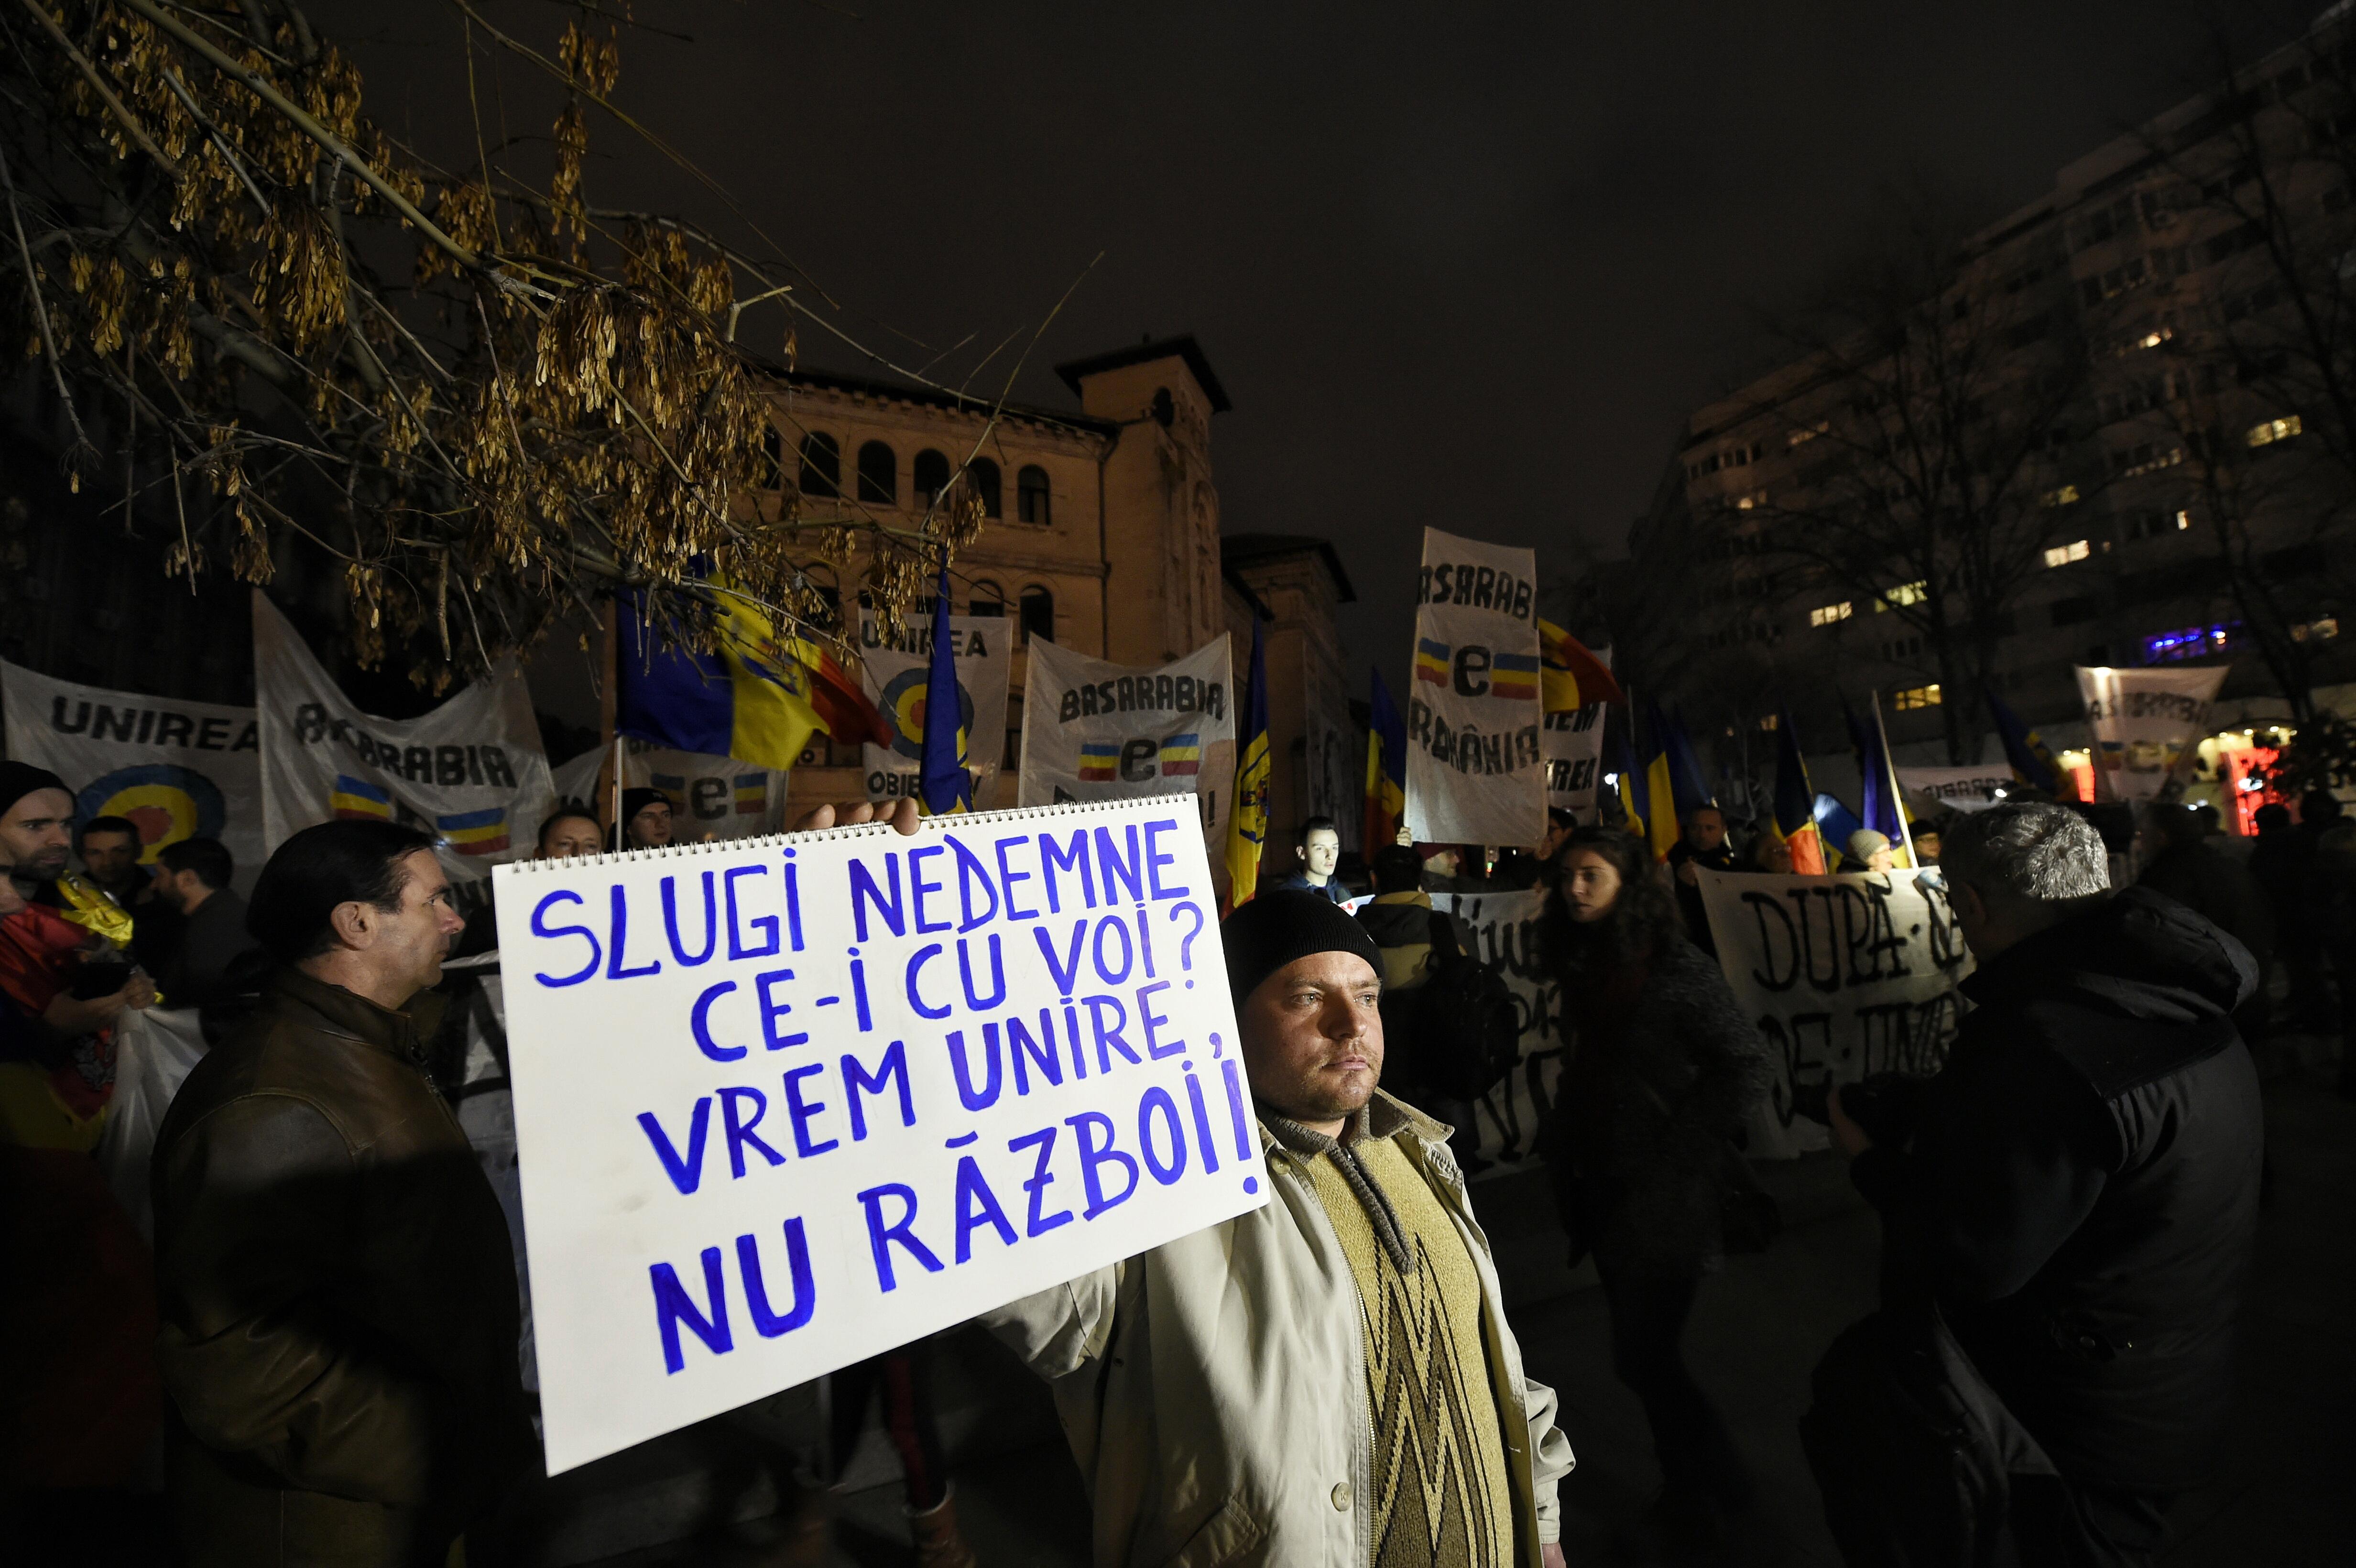 Protest in Piata Universitatii, dupa declaratiile lui Iohannis despre unirea cu R. Moldova.